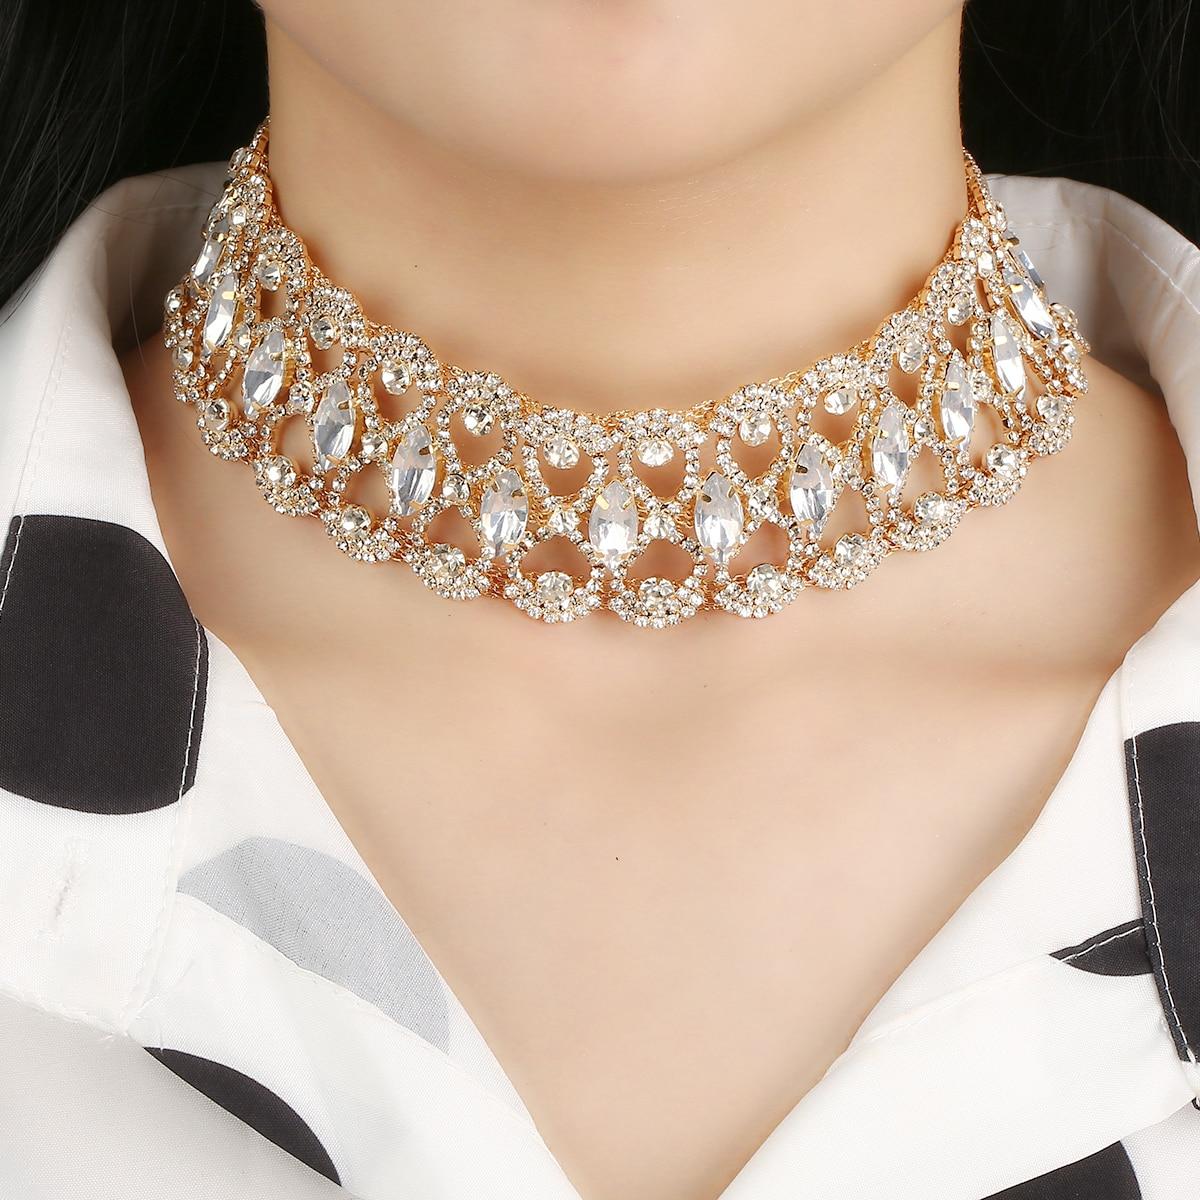 Nuevo diseño de gargantilla de diamantes de imitación de cristal para mujer, Collares, abalorios Vintage, accesorios de joyería de boda declaración, Shell Hard